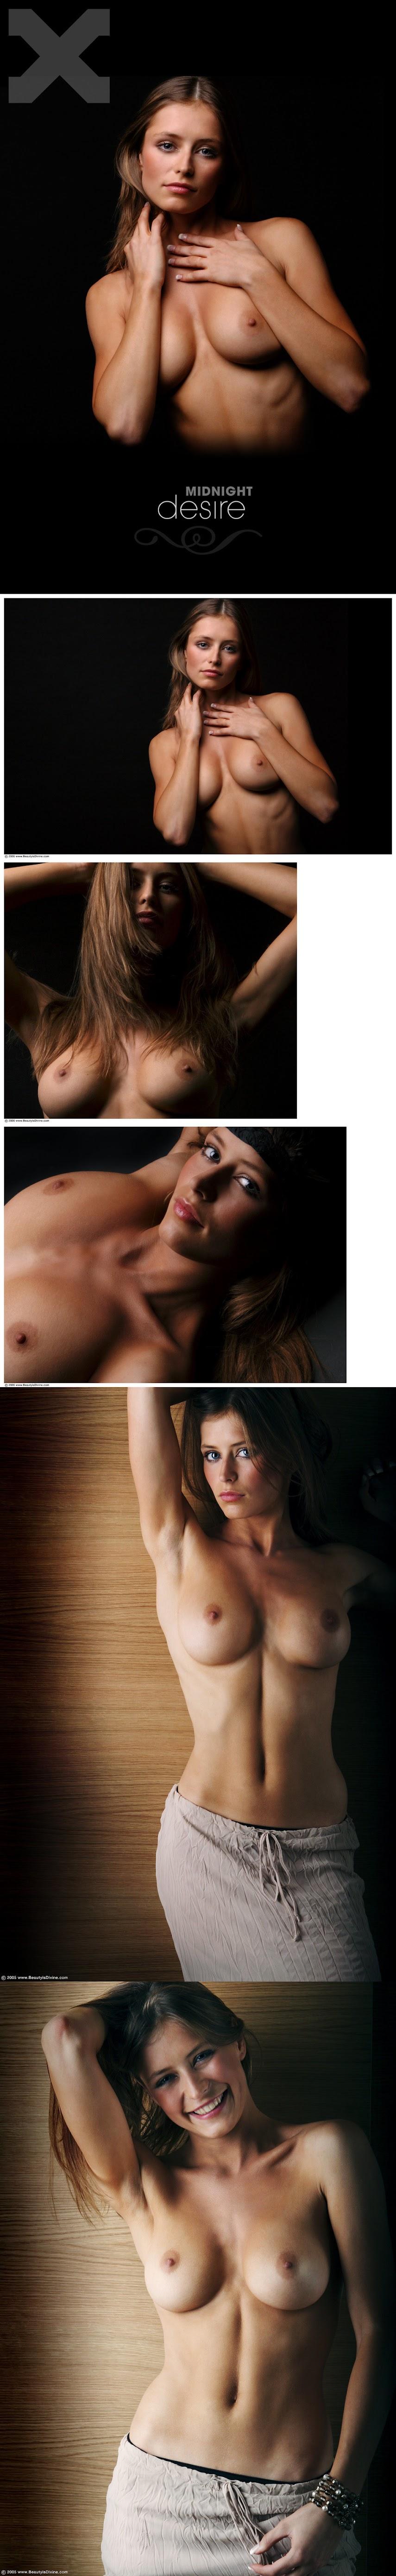 x-art ophelia midnight desire-lrg - Girlsdelta